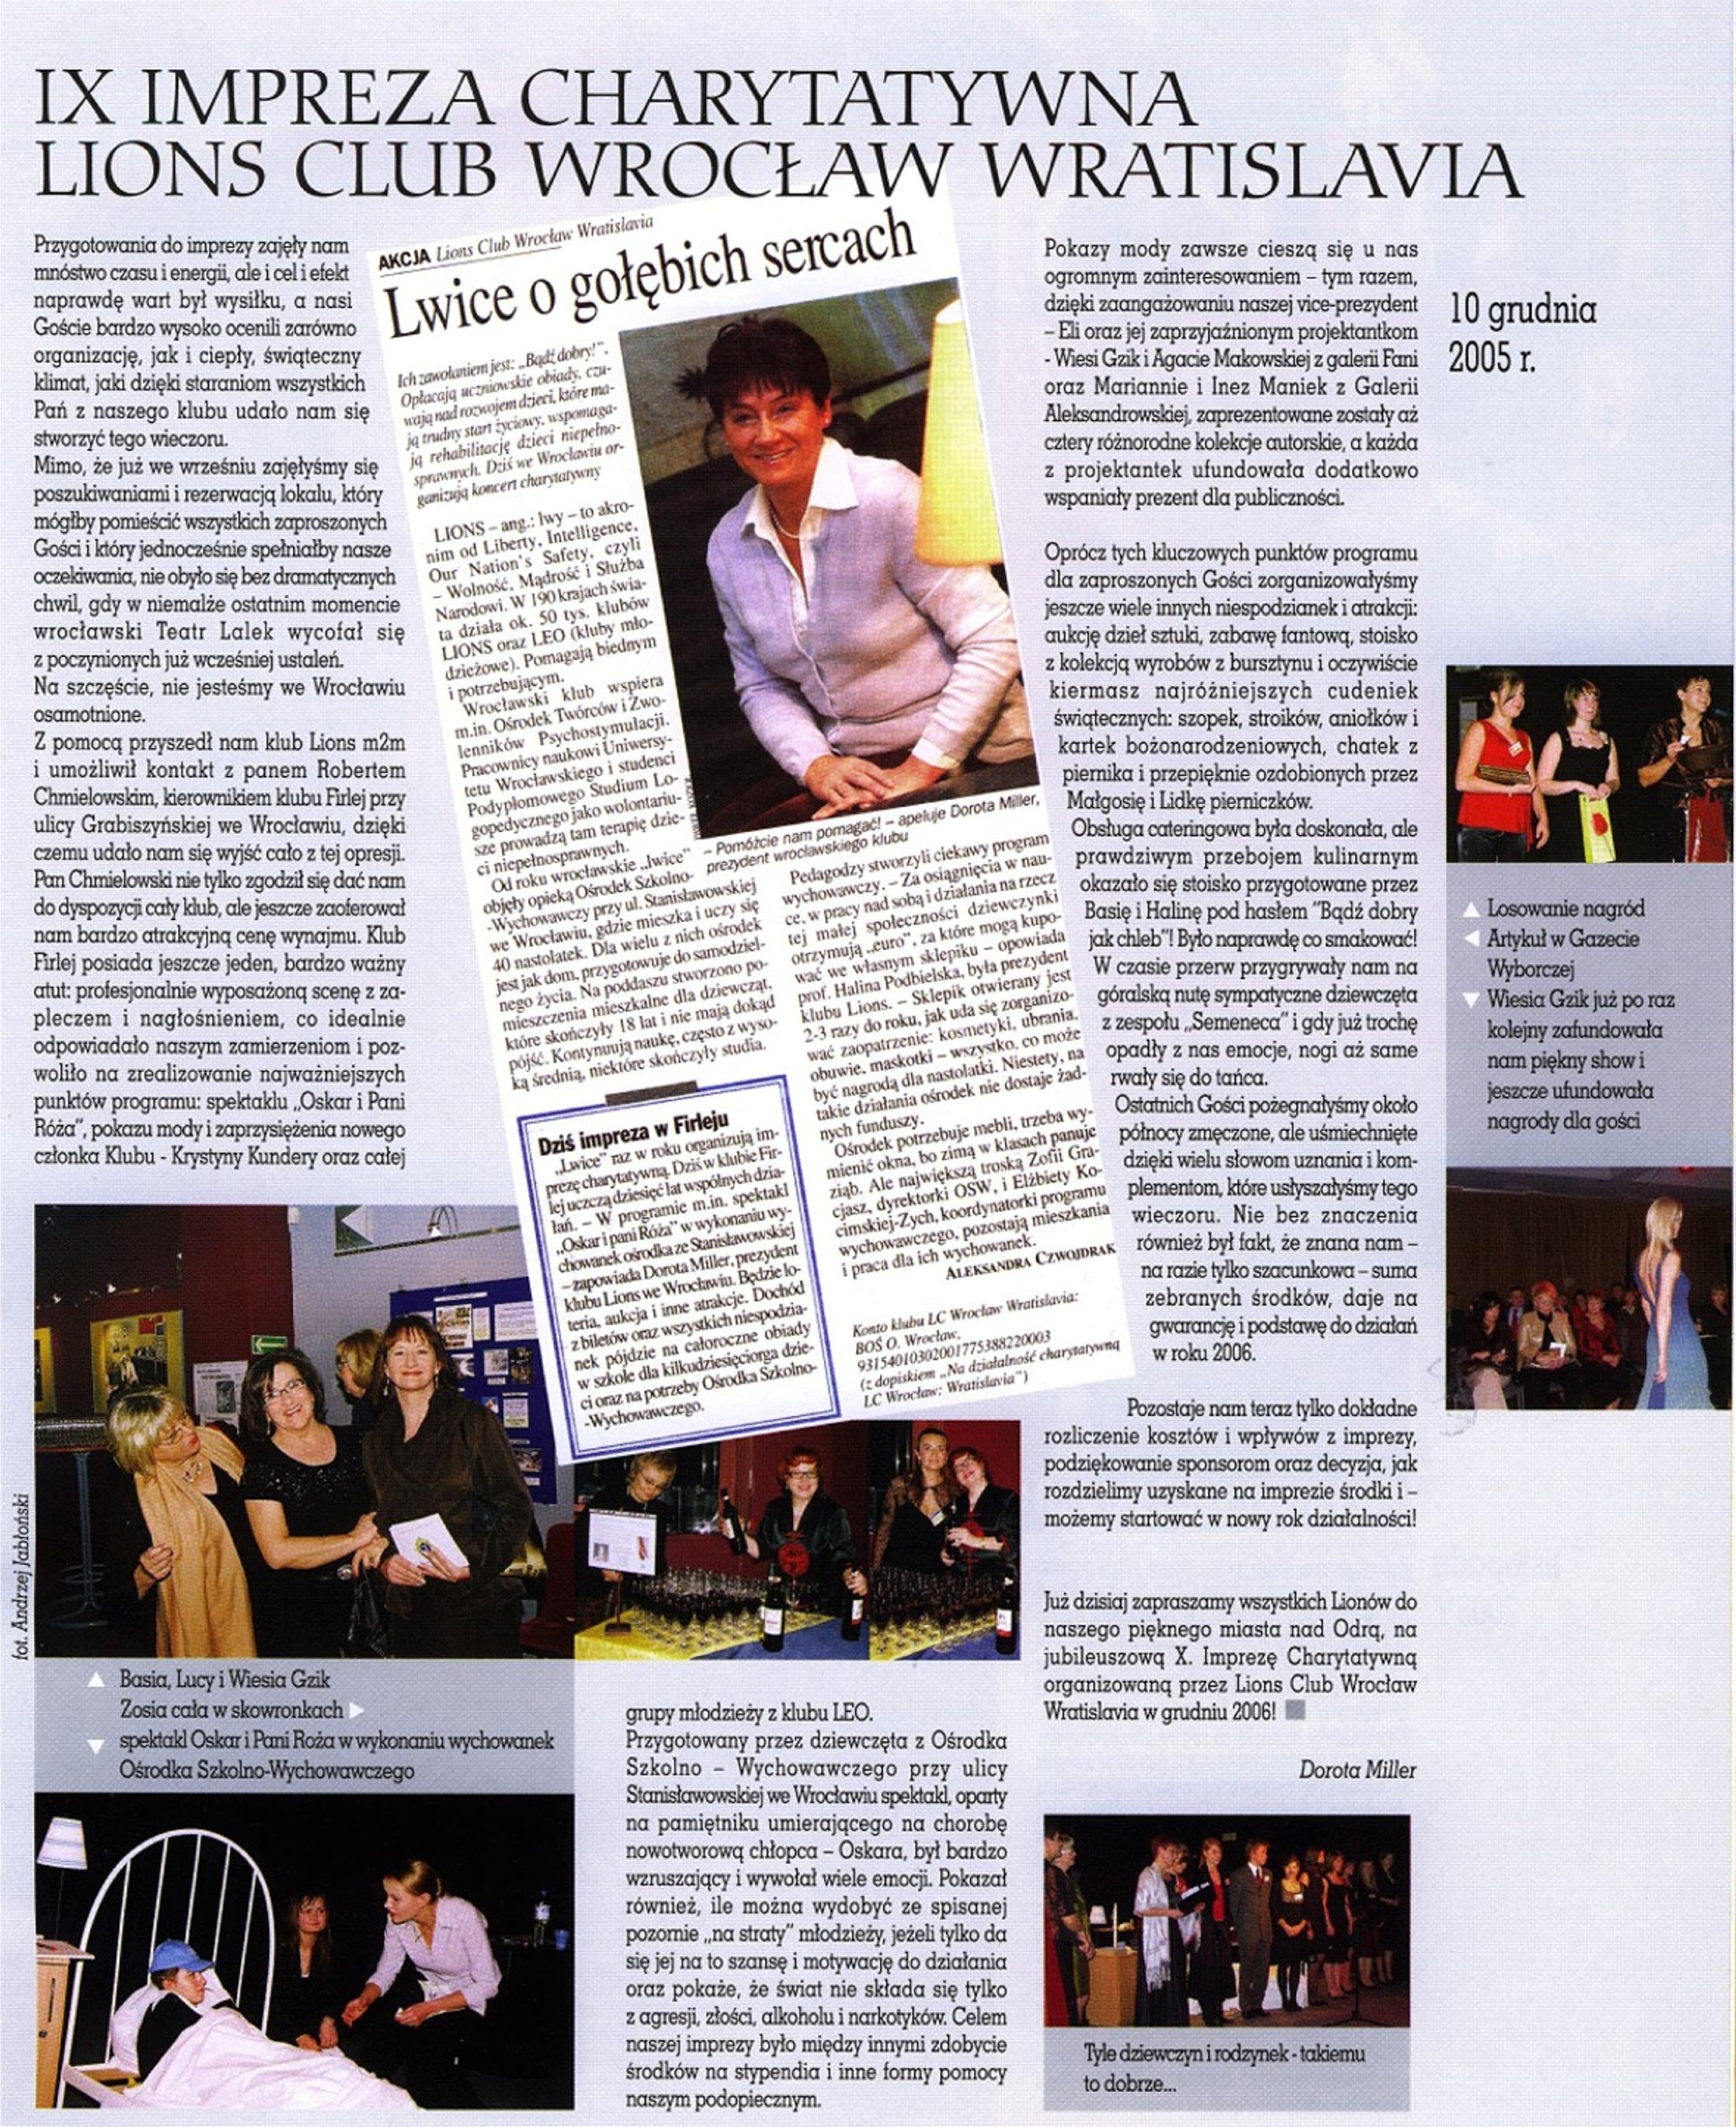 ix-impreza-charytatywna-10-12-2005-r